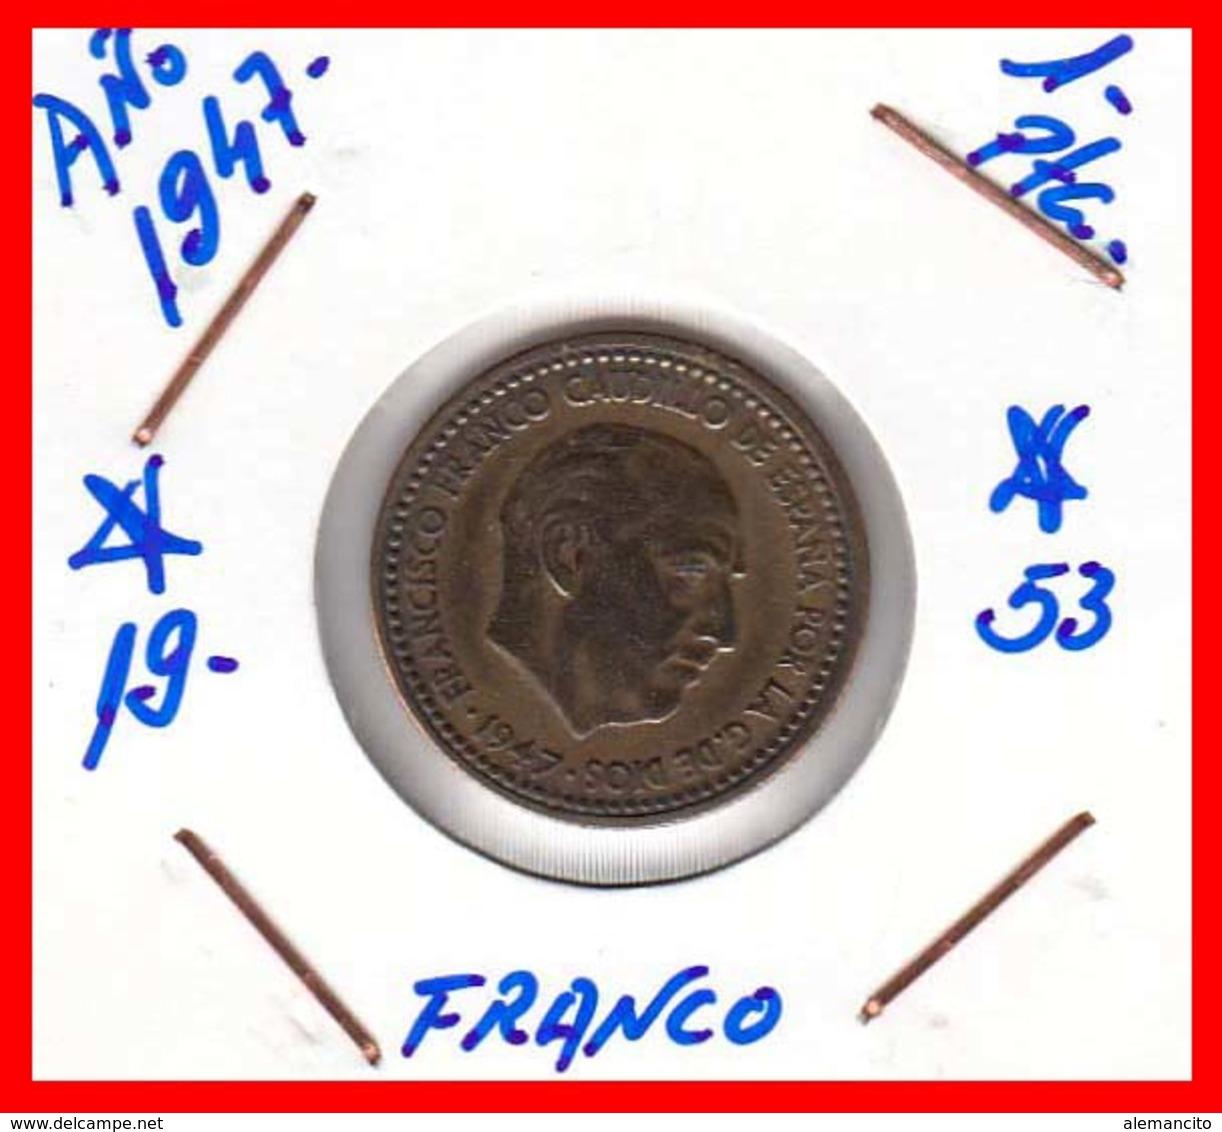 ESPAÑA  ( EUROPA ) MONEDA DE 1 PESETA  AÑO 1947 FRANCO  **19 - 53** - 1 Peseta